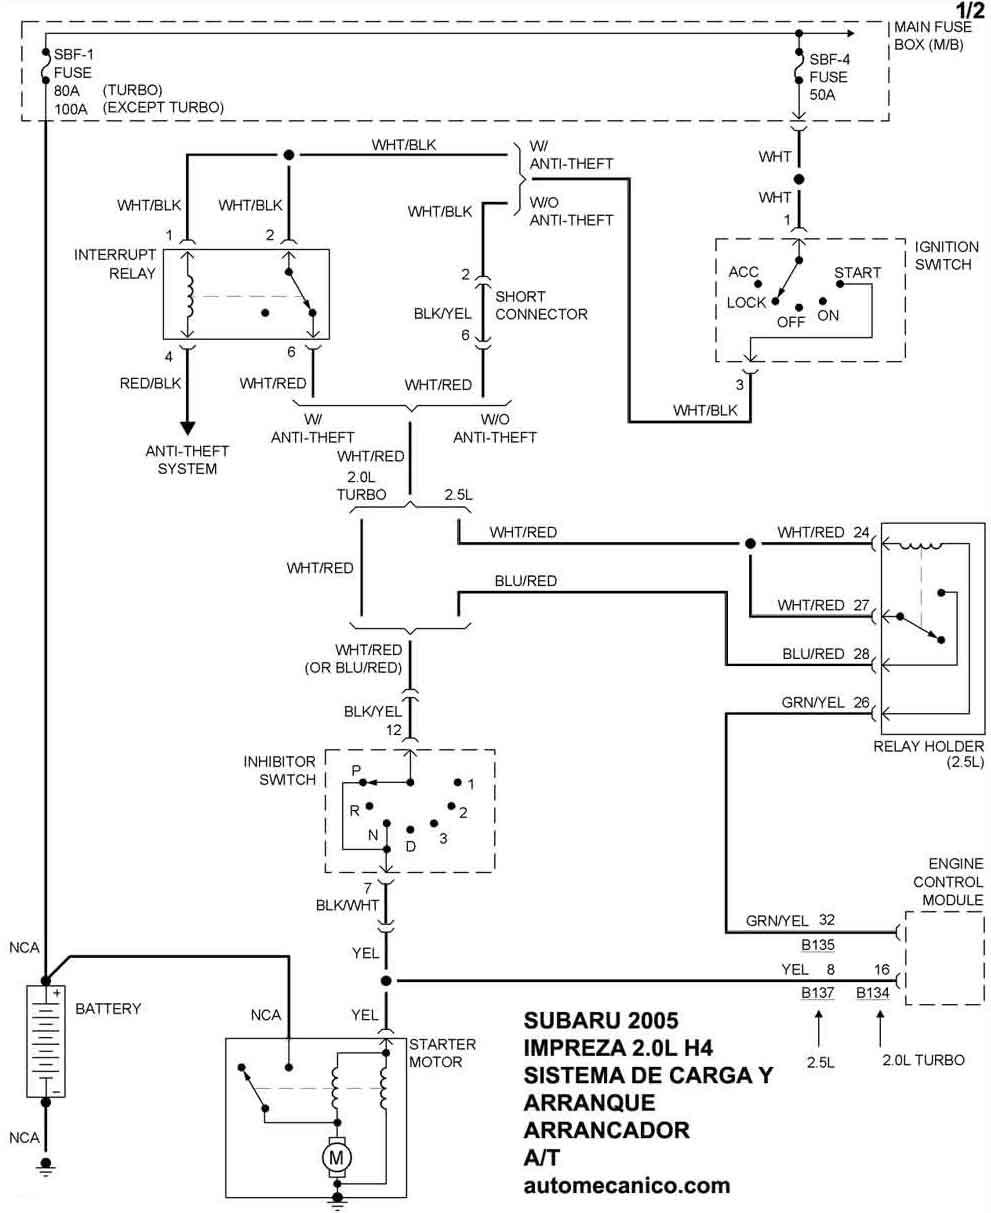 Subaru Diagramas 2005